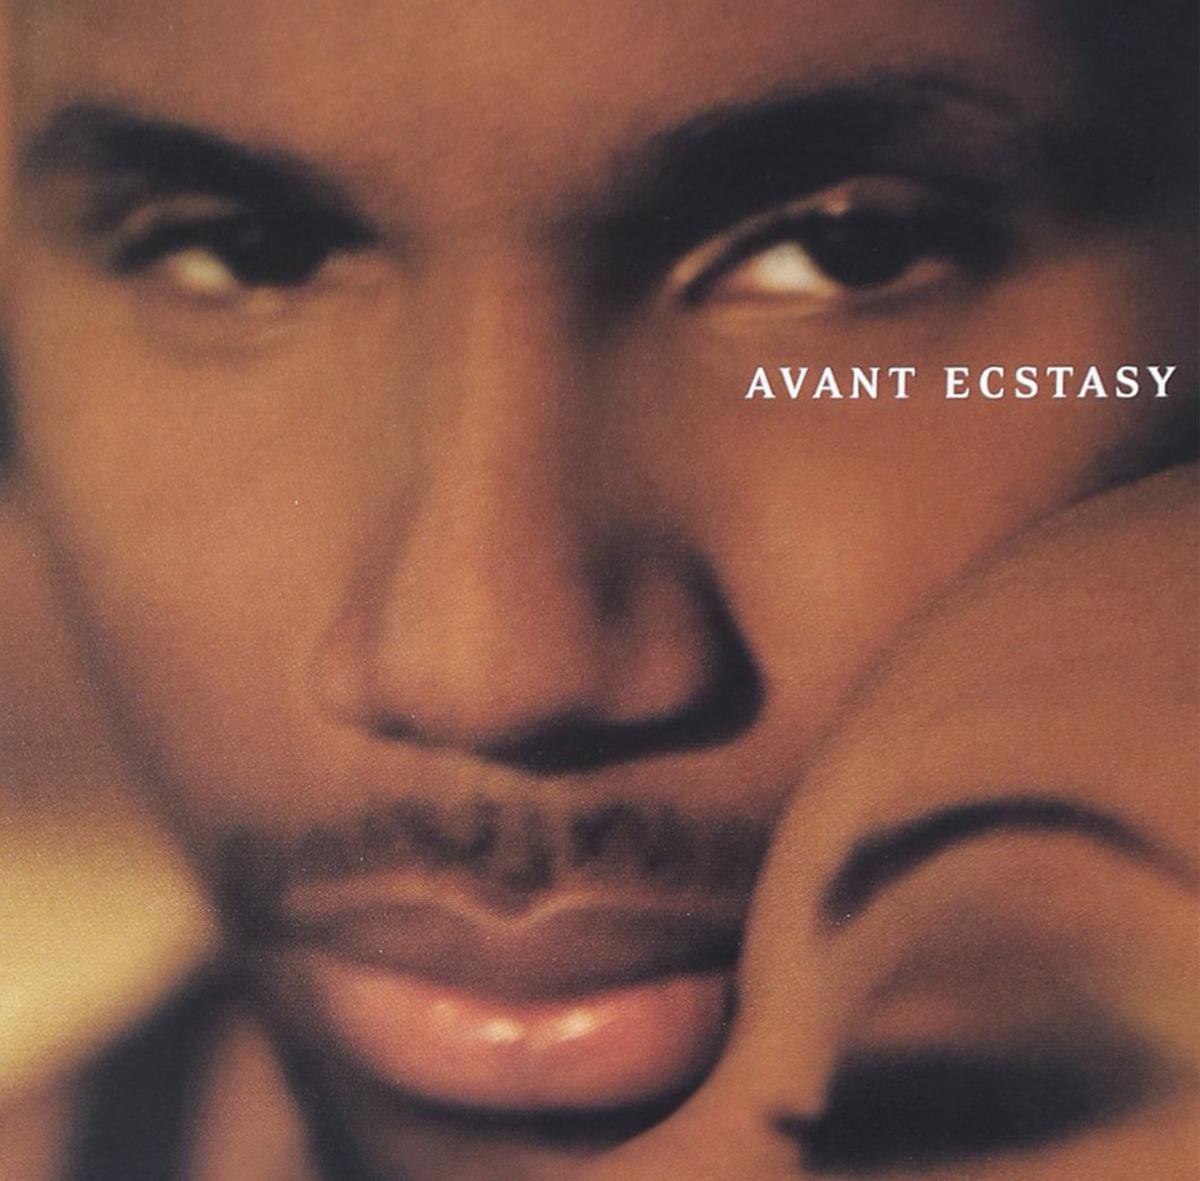 Avant, Ecstasy